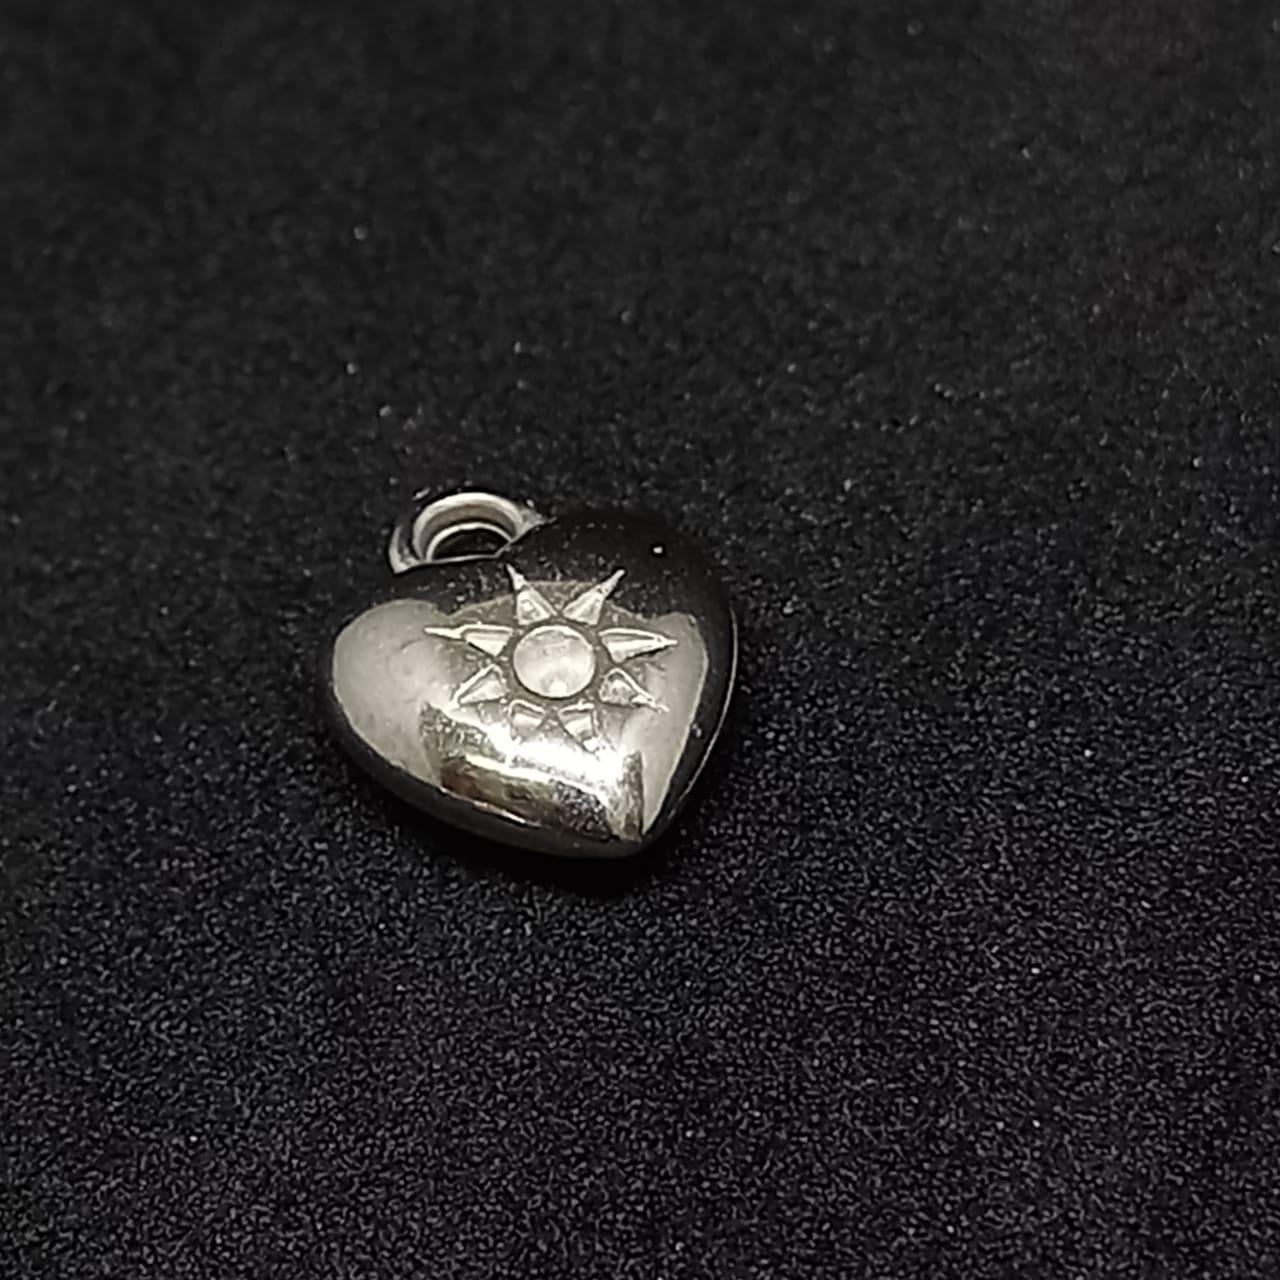 Pingente coração c/ sol  ABS prata 14x12mm 25g